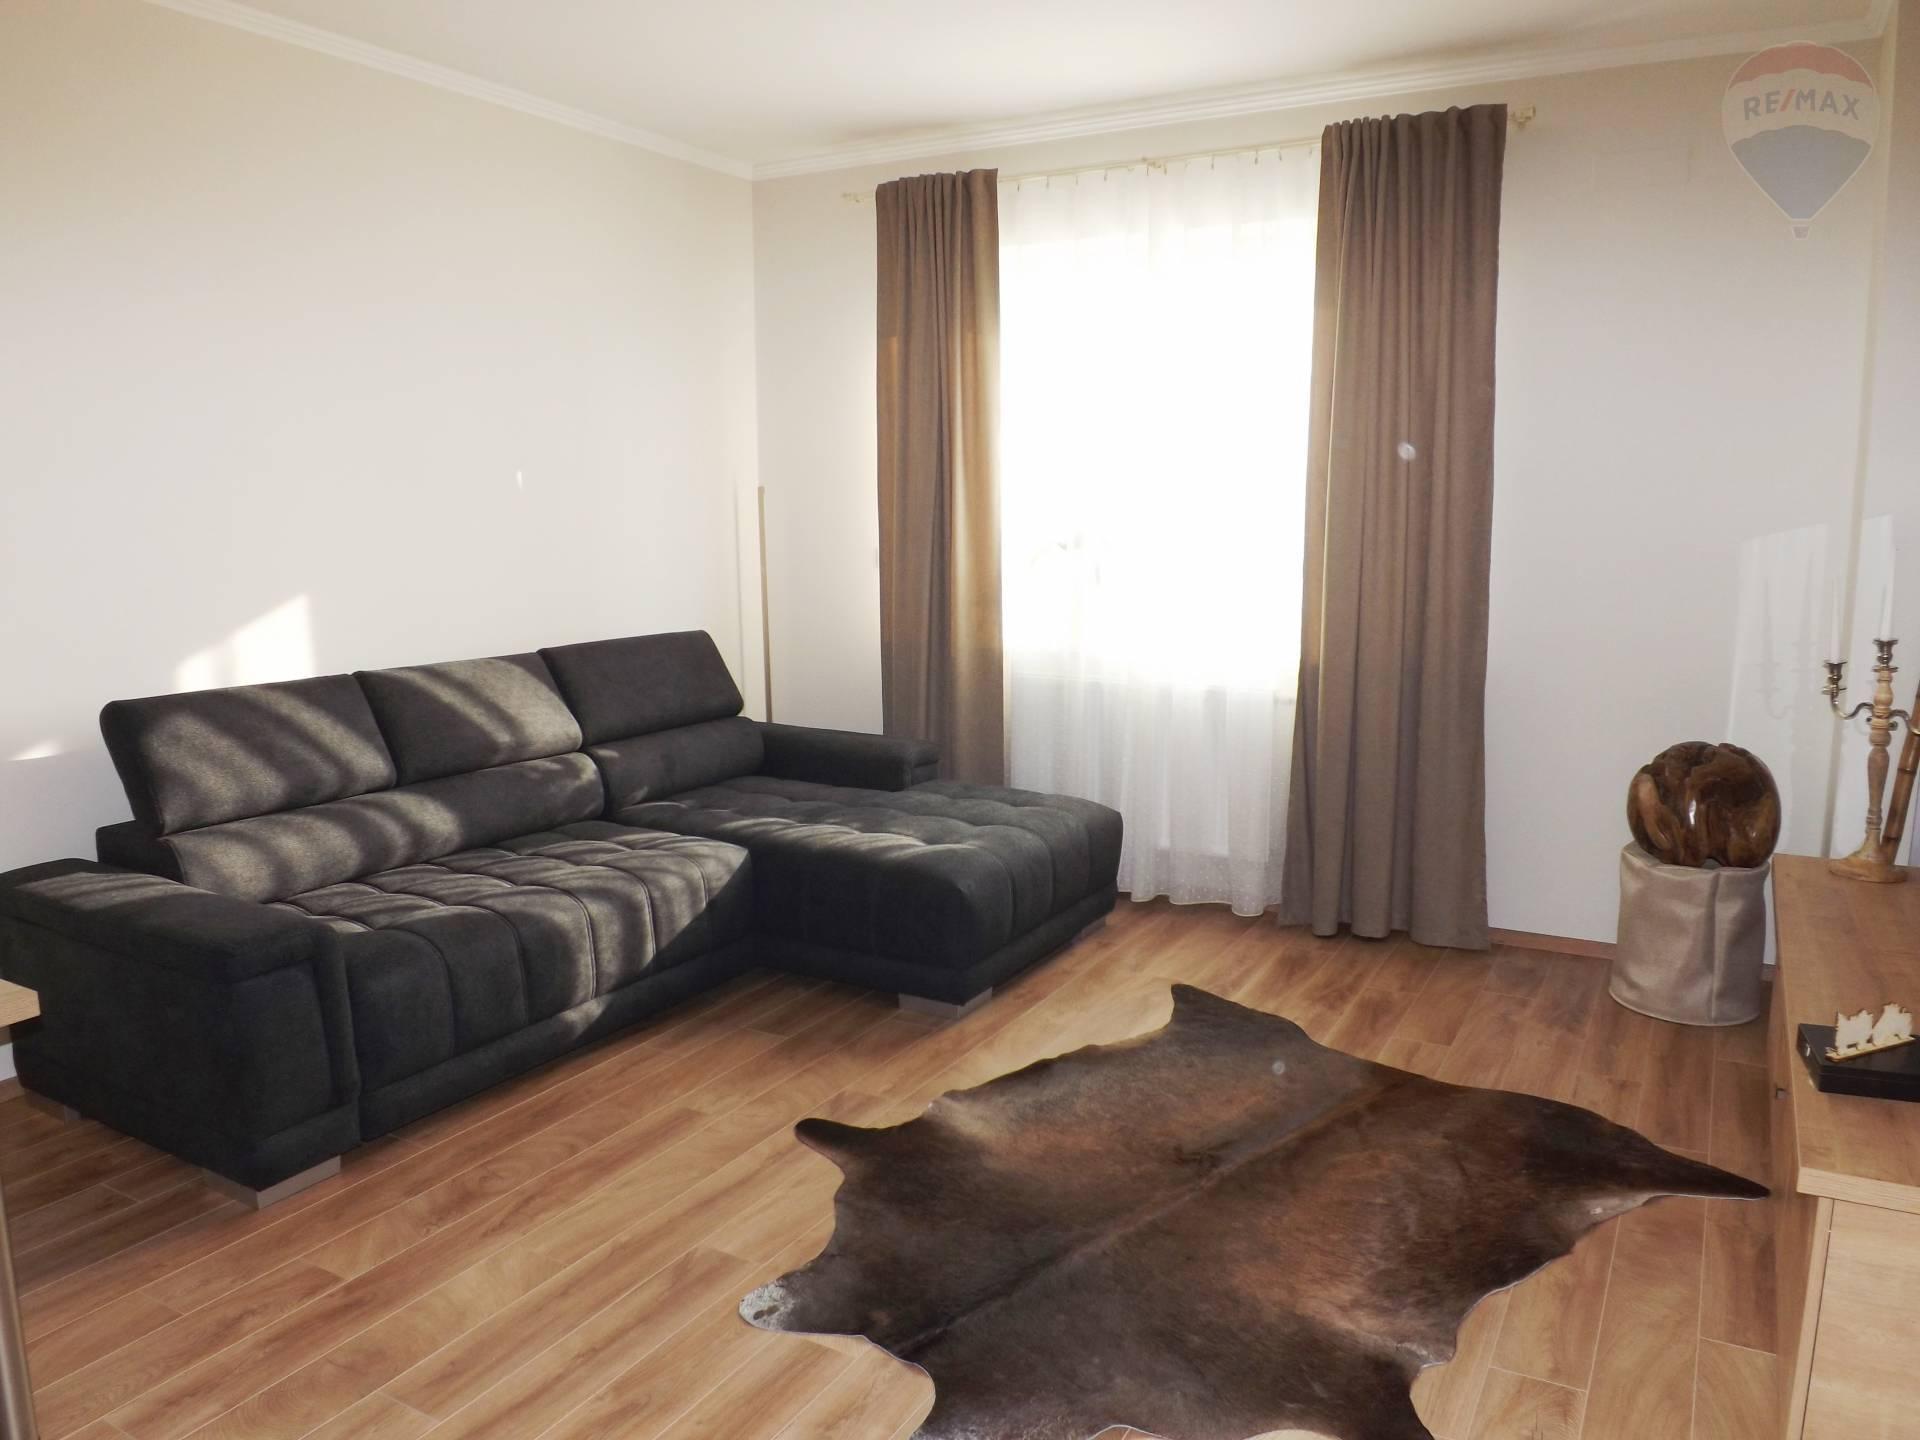 Na prenájom 2 izbový byt, 48 m2, balkón, novostavba, centrum  Dunajská Streda